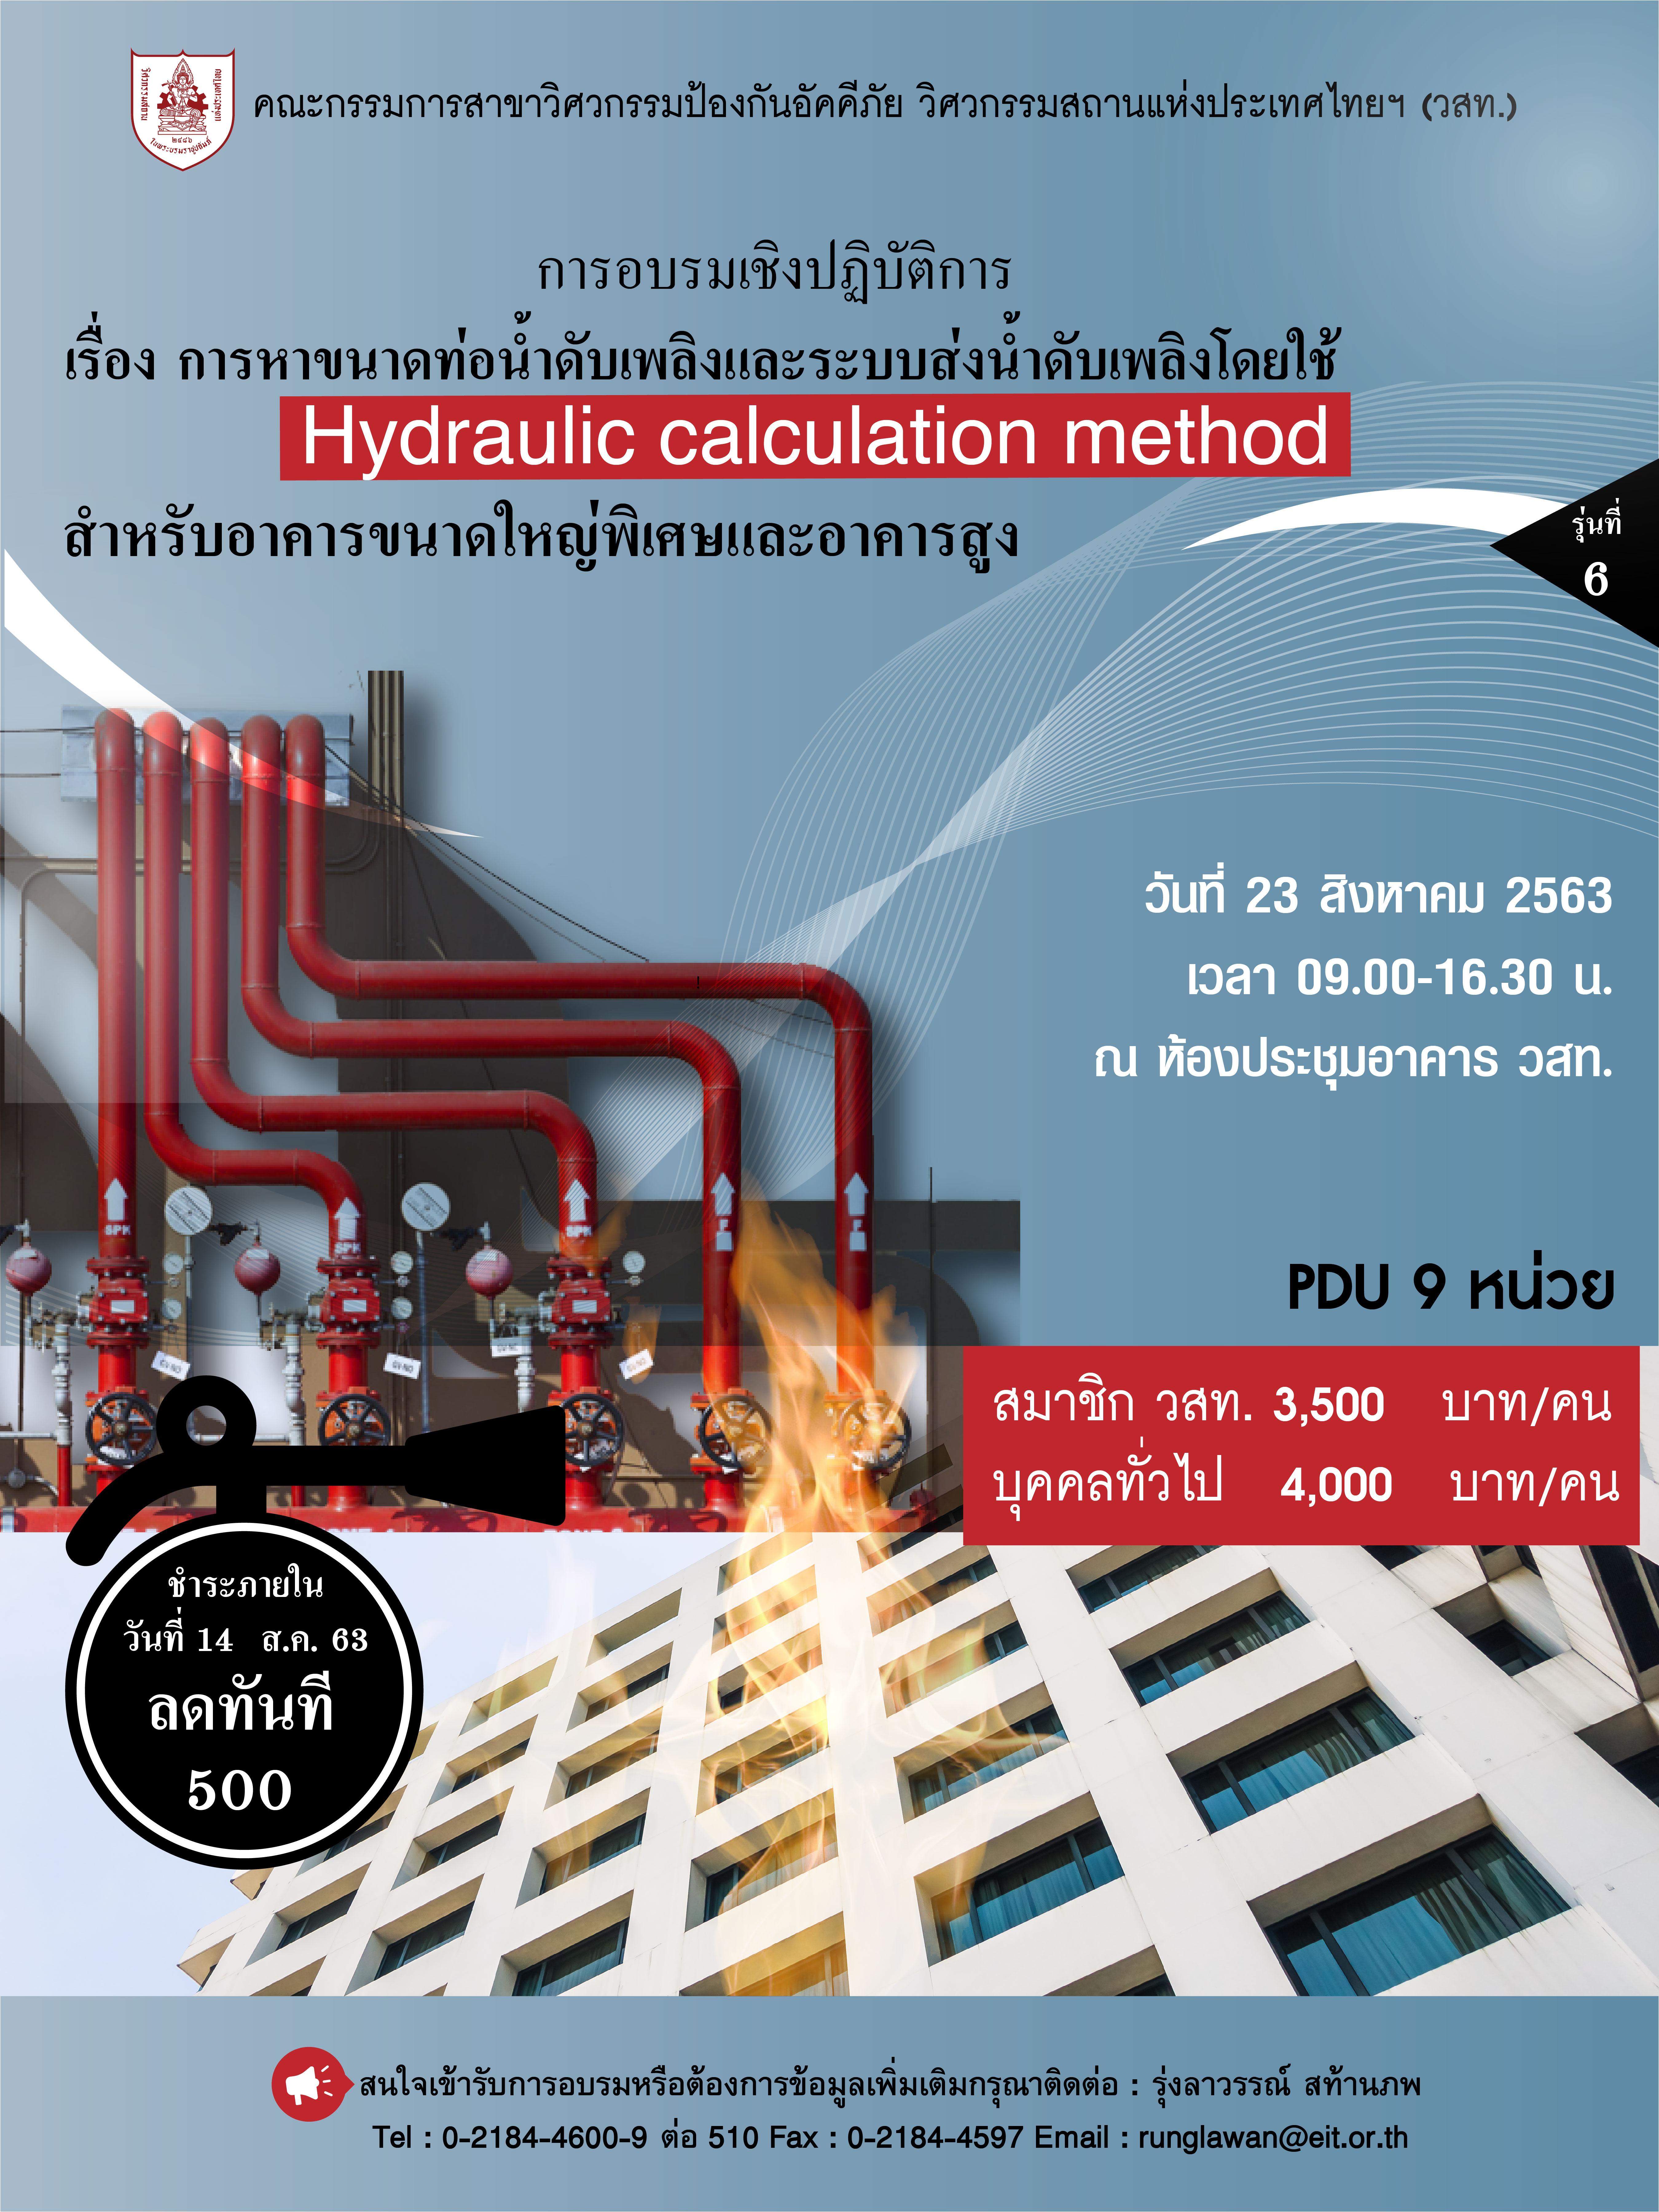 23/08/2563 การอบรมเชิงปฏิบัติการเรื่อง การหาขนาดท่อน้ำดับเพลิงและระบบส่งน้ำดับเพลิงโดยใช้ Hydraulic calculation method  สำหรับอาคารขนาดใหญ่พิเศษและอาคารสูง รุ่นที่ 6